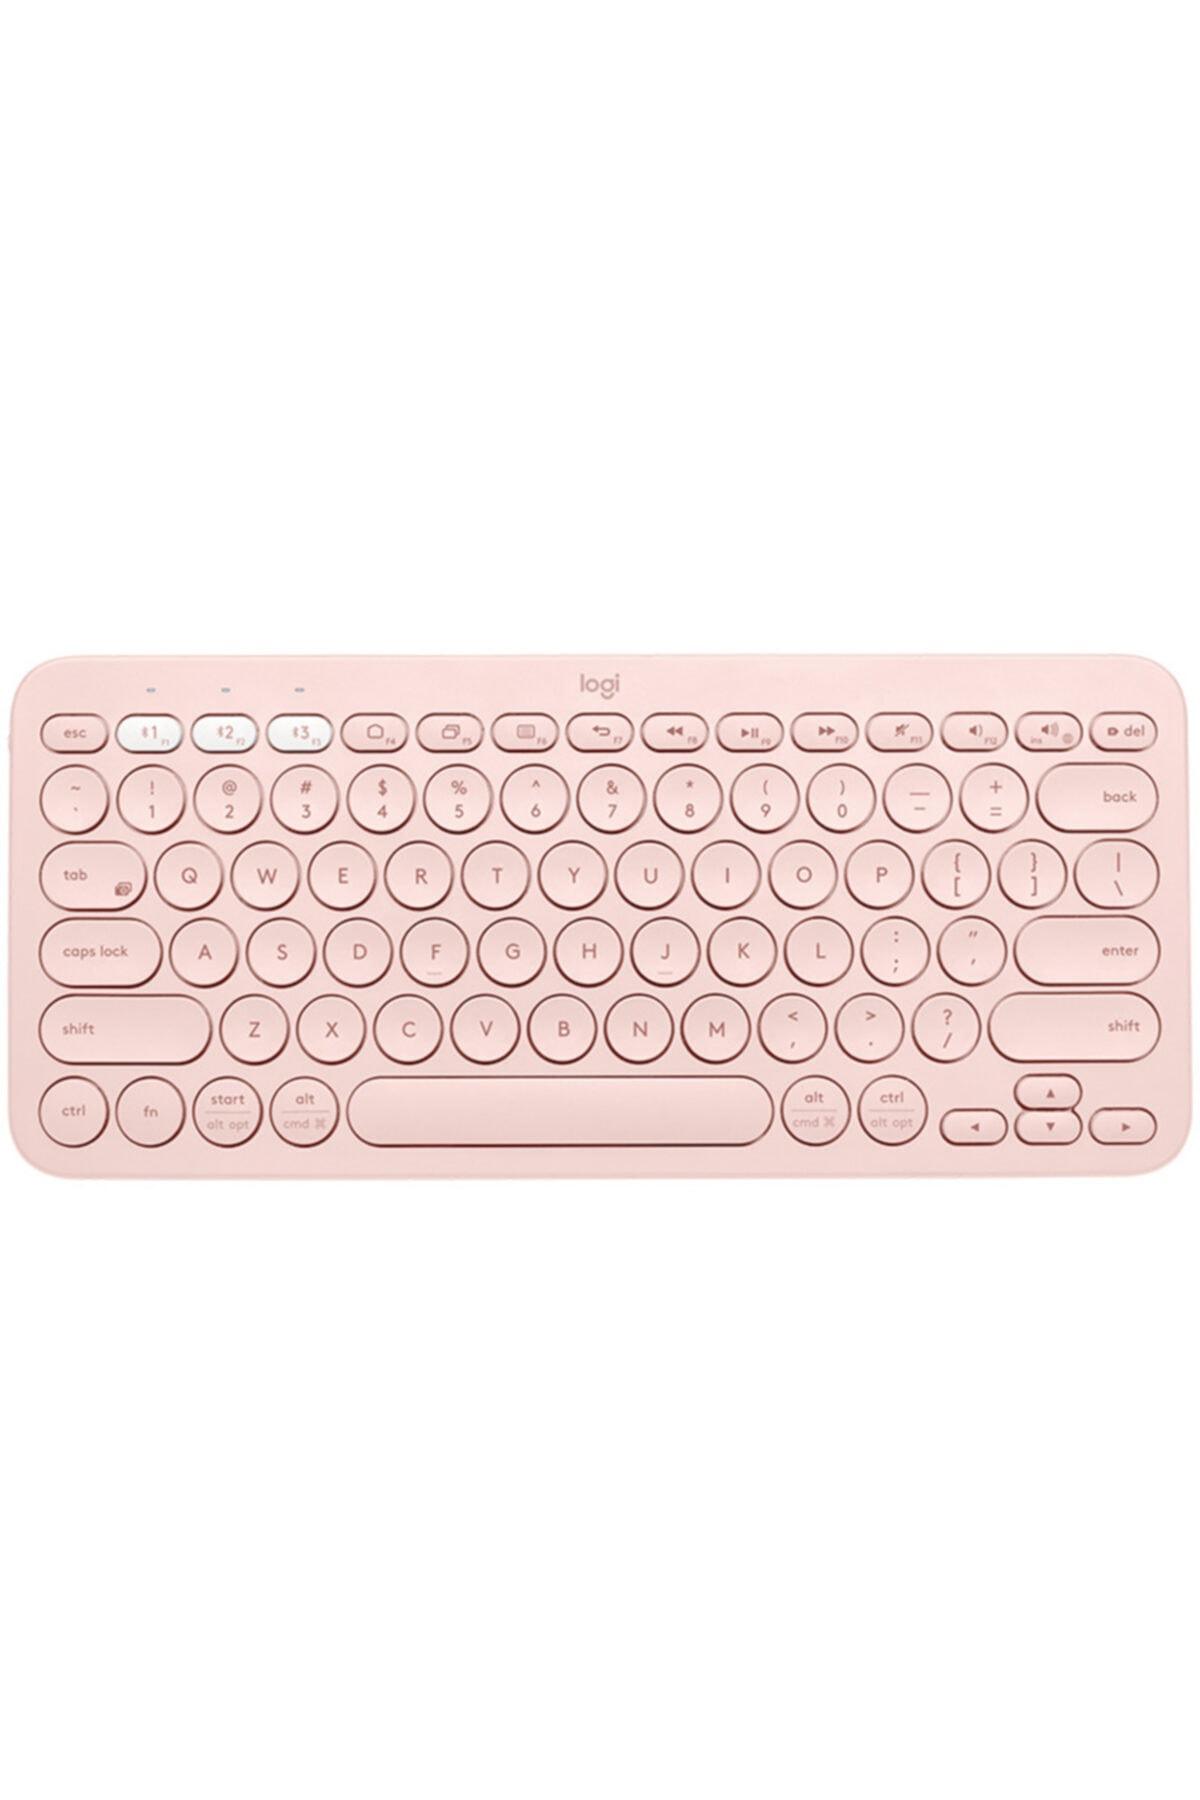 logitech K380 Multi-device Bluetooth(R) Türkçe Q Klavye-gül 920-010067 1